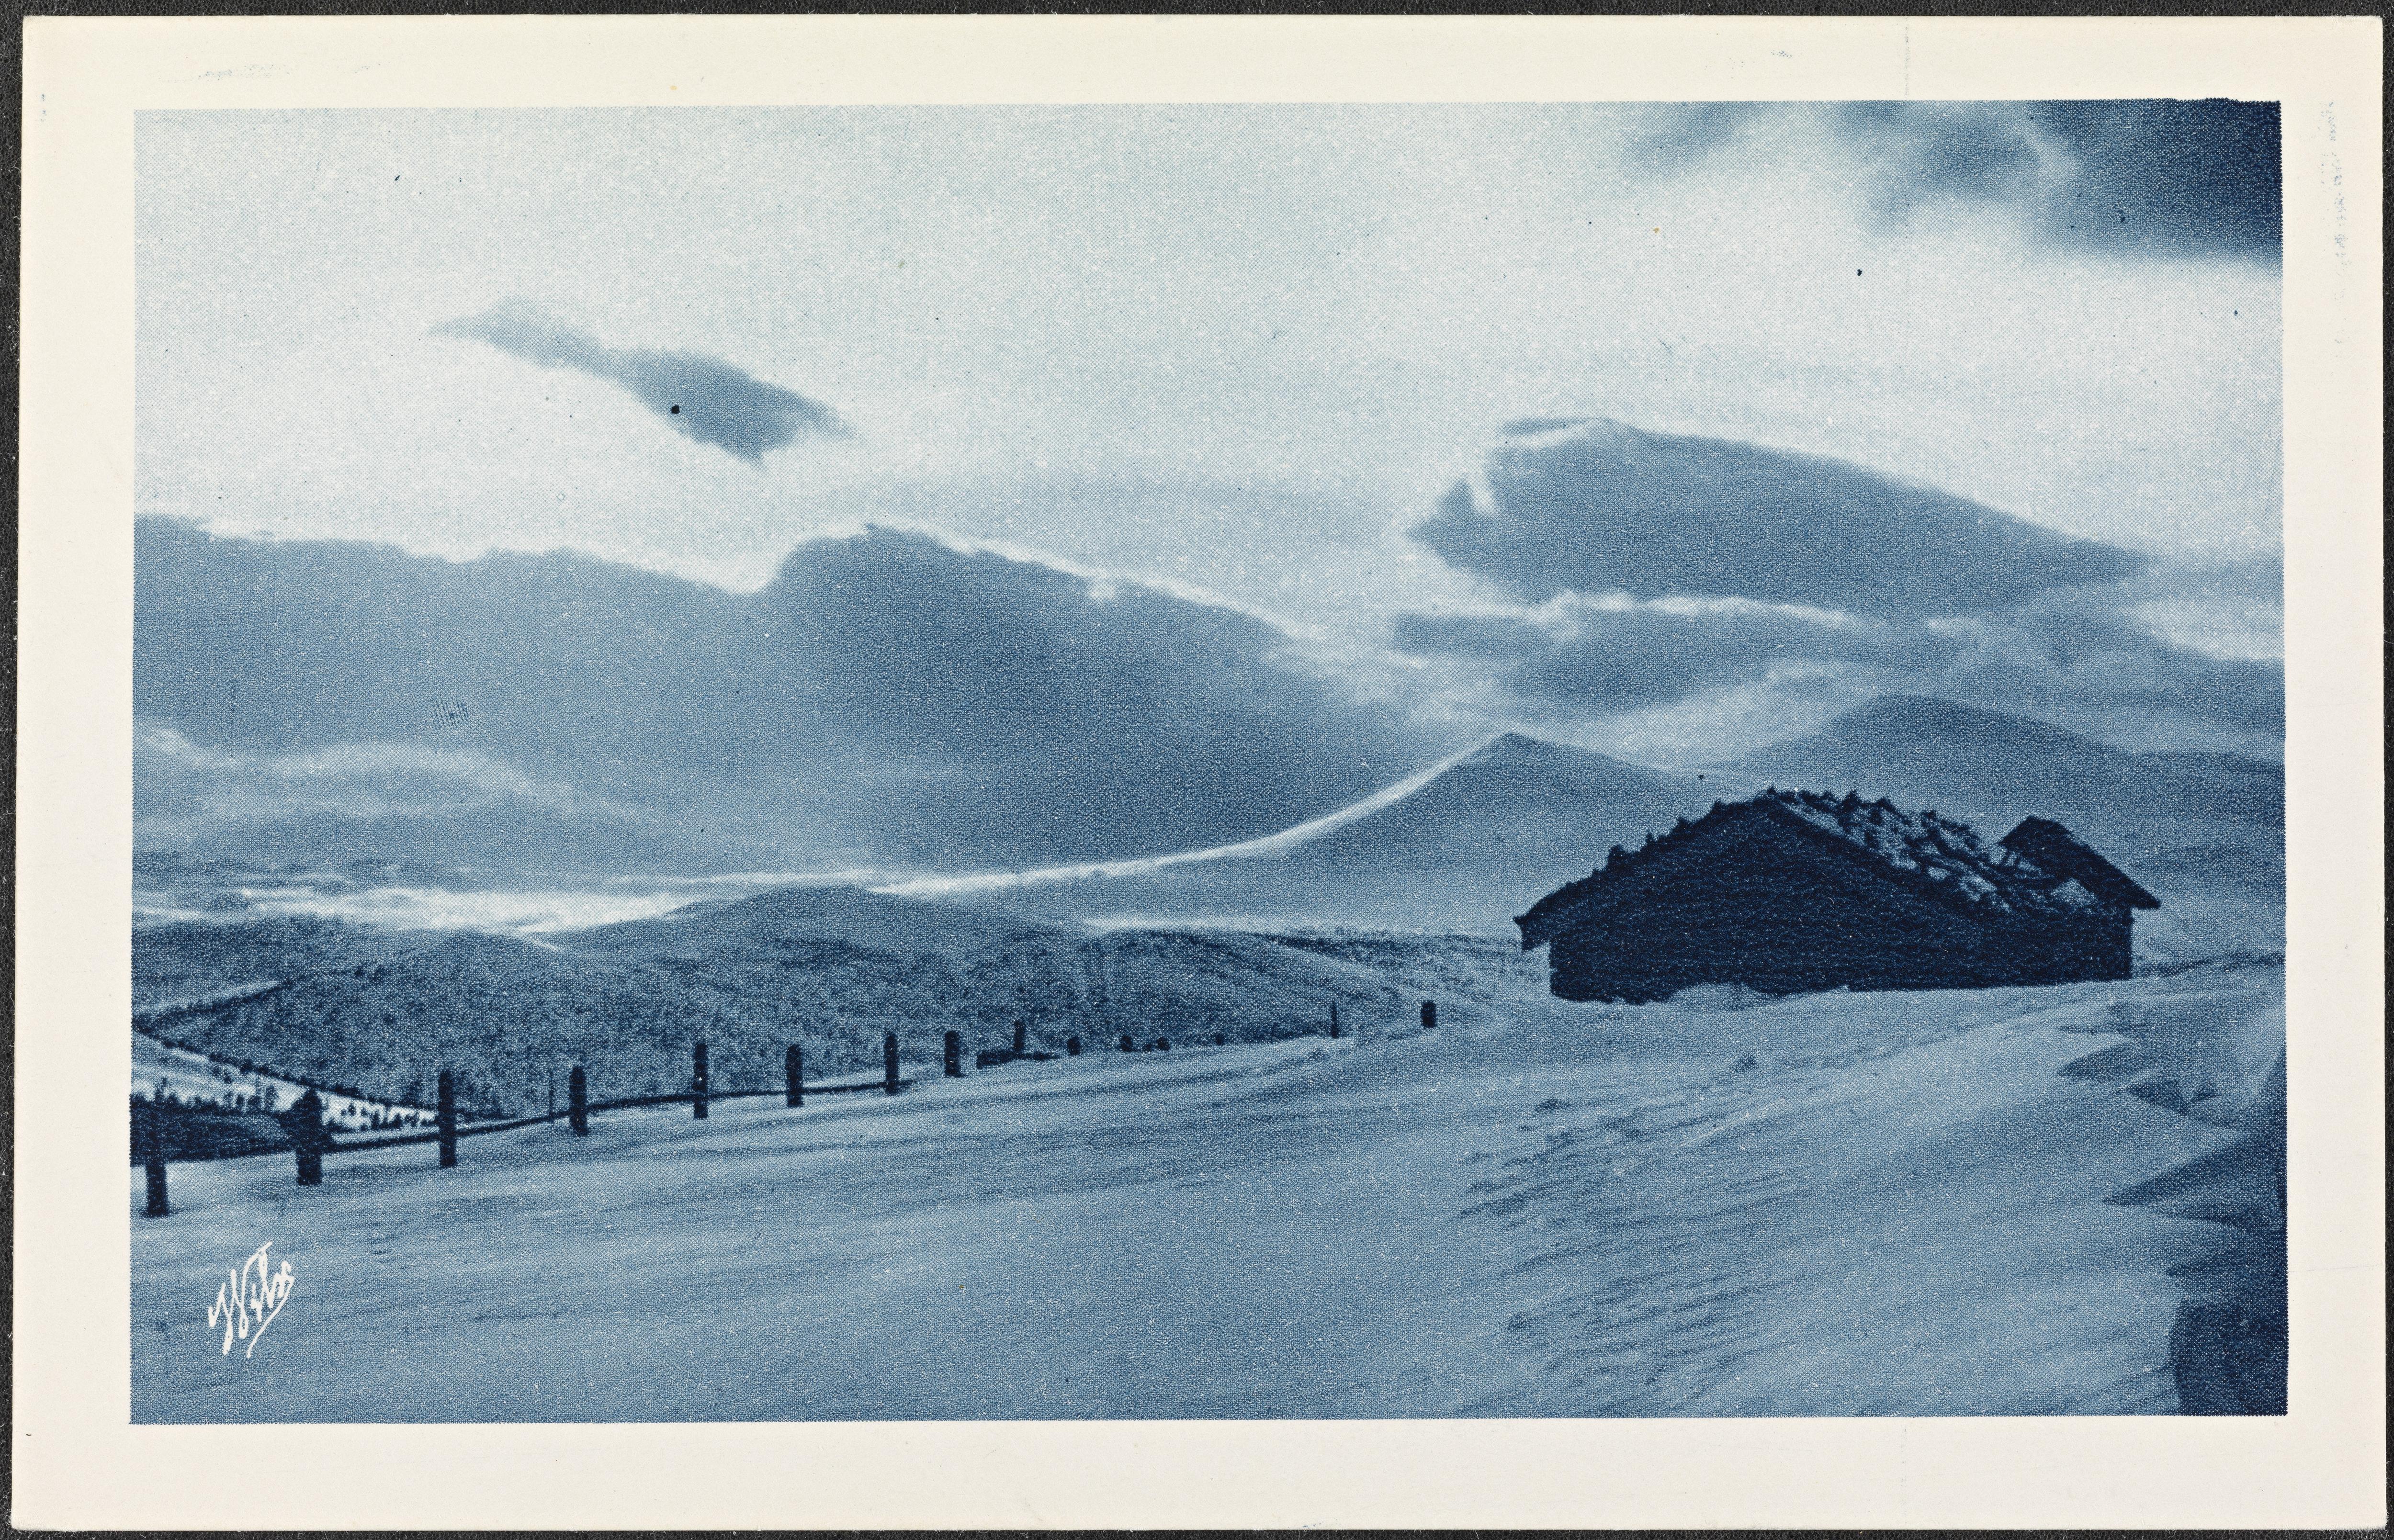 Vinterlandskap i Norge / Winter landscape in Norway